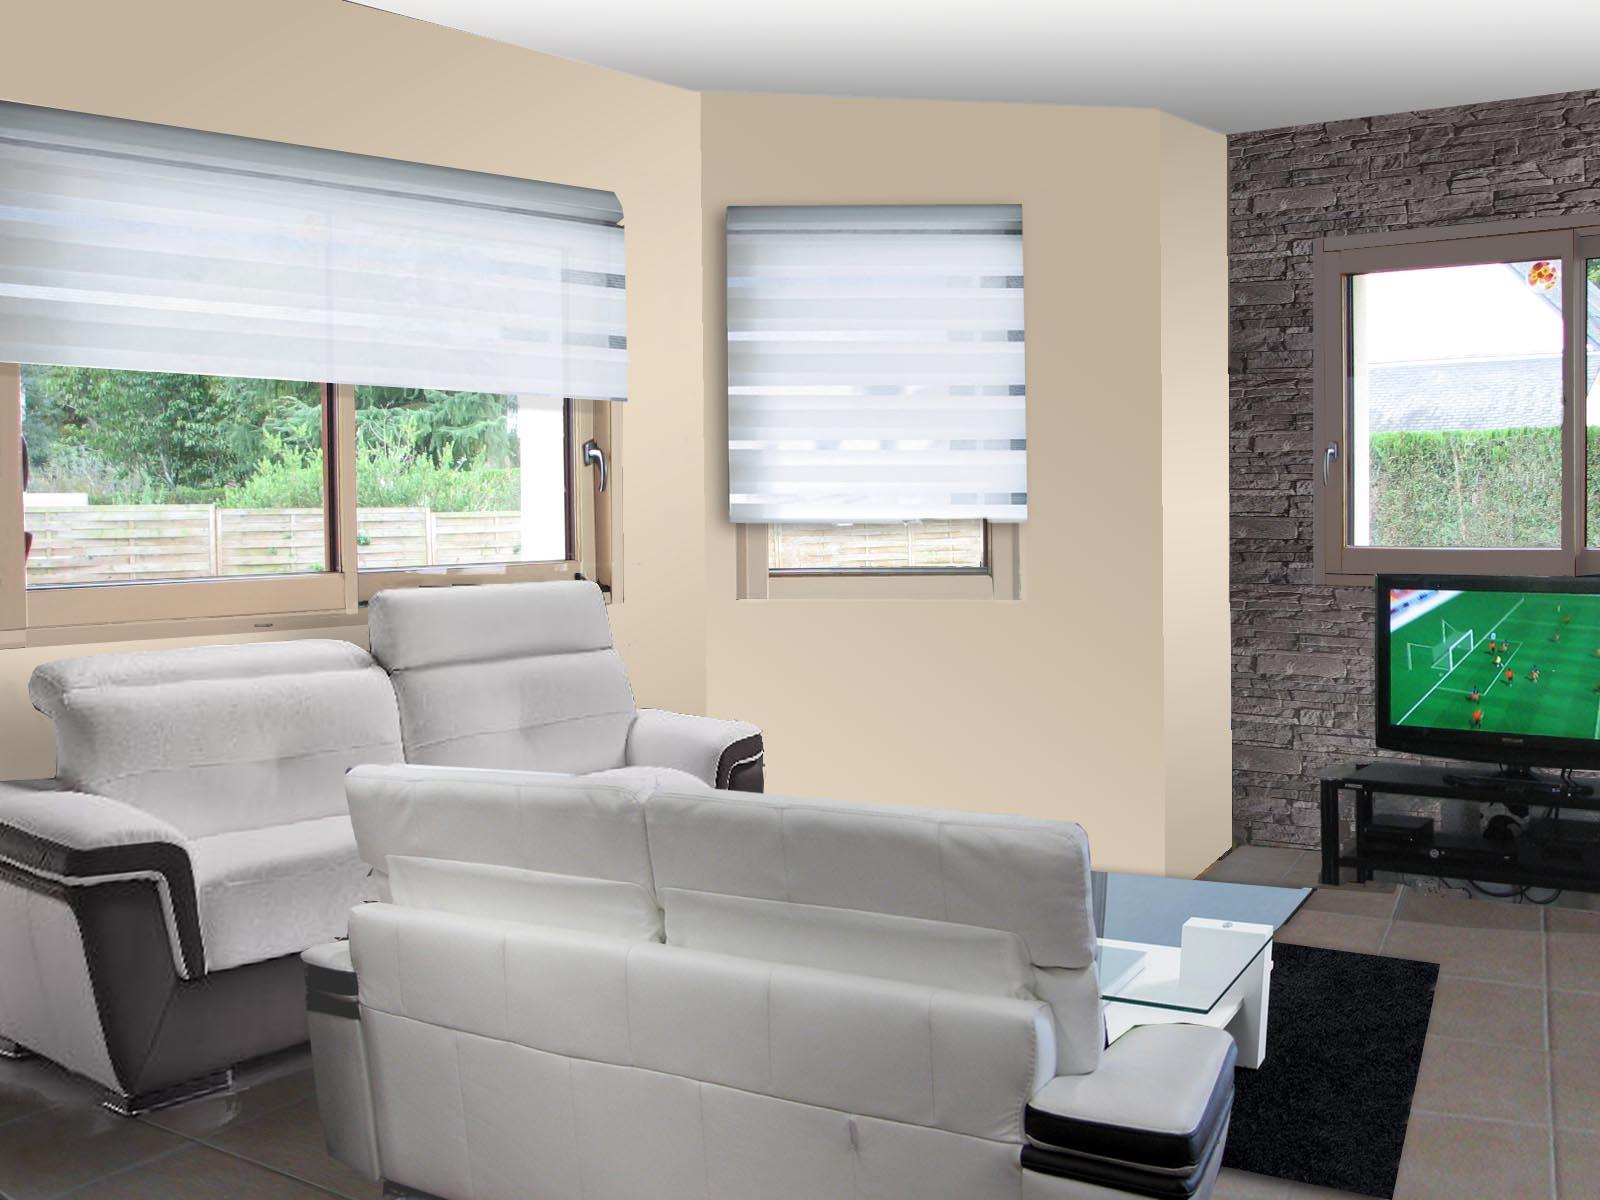 Simulation deco salon gratuit id e - Simulation papier peint salon ...